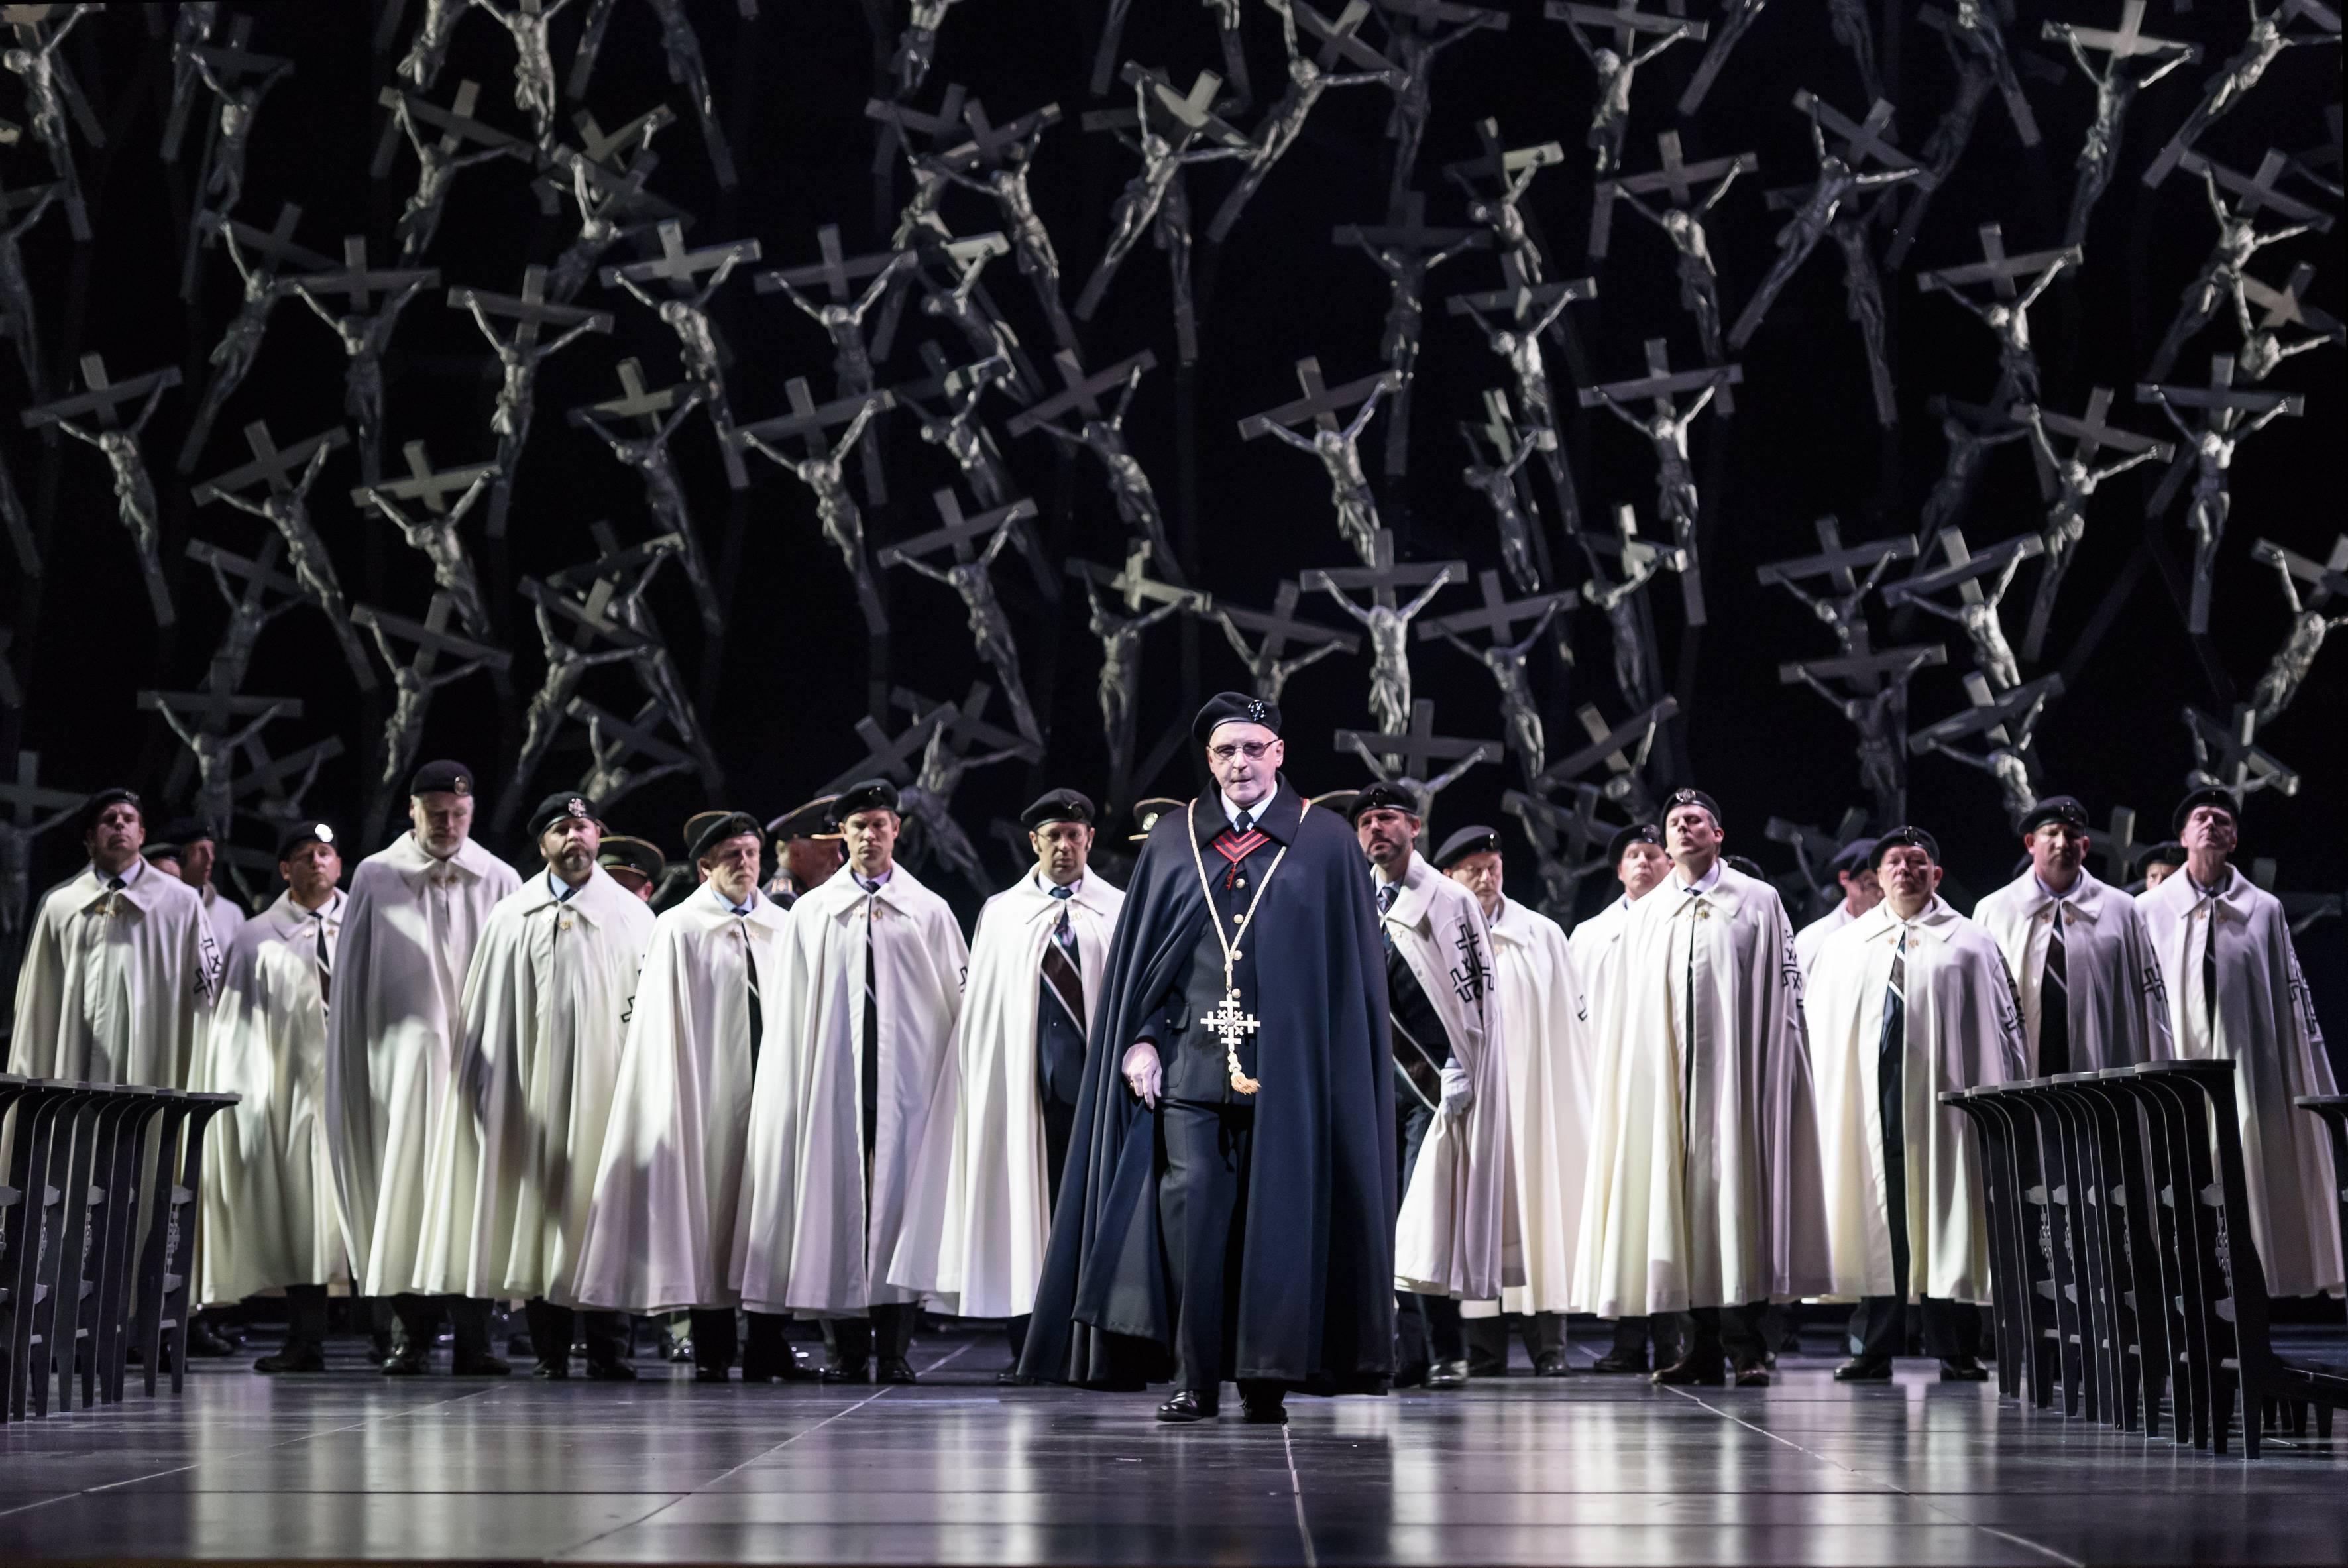 『ノルマ』 『英国ロイヤル・オペラ・ハウス シネマシーズン 2016/17』